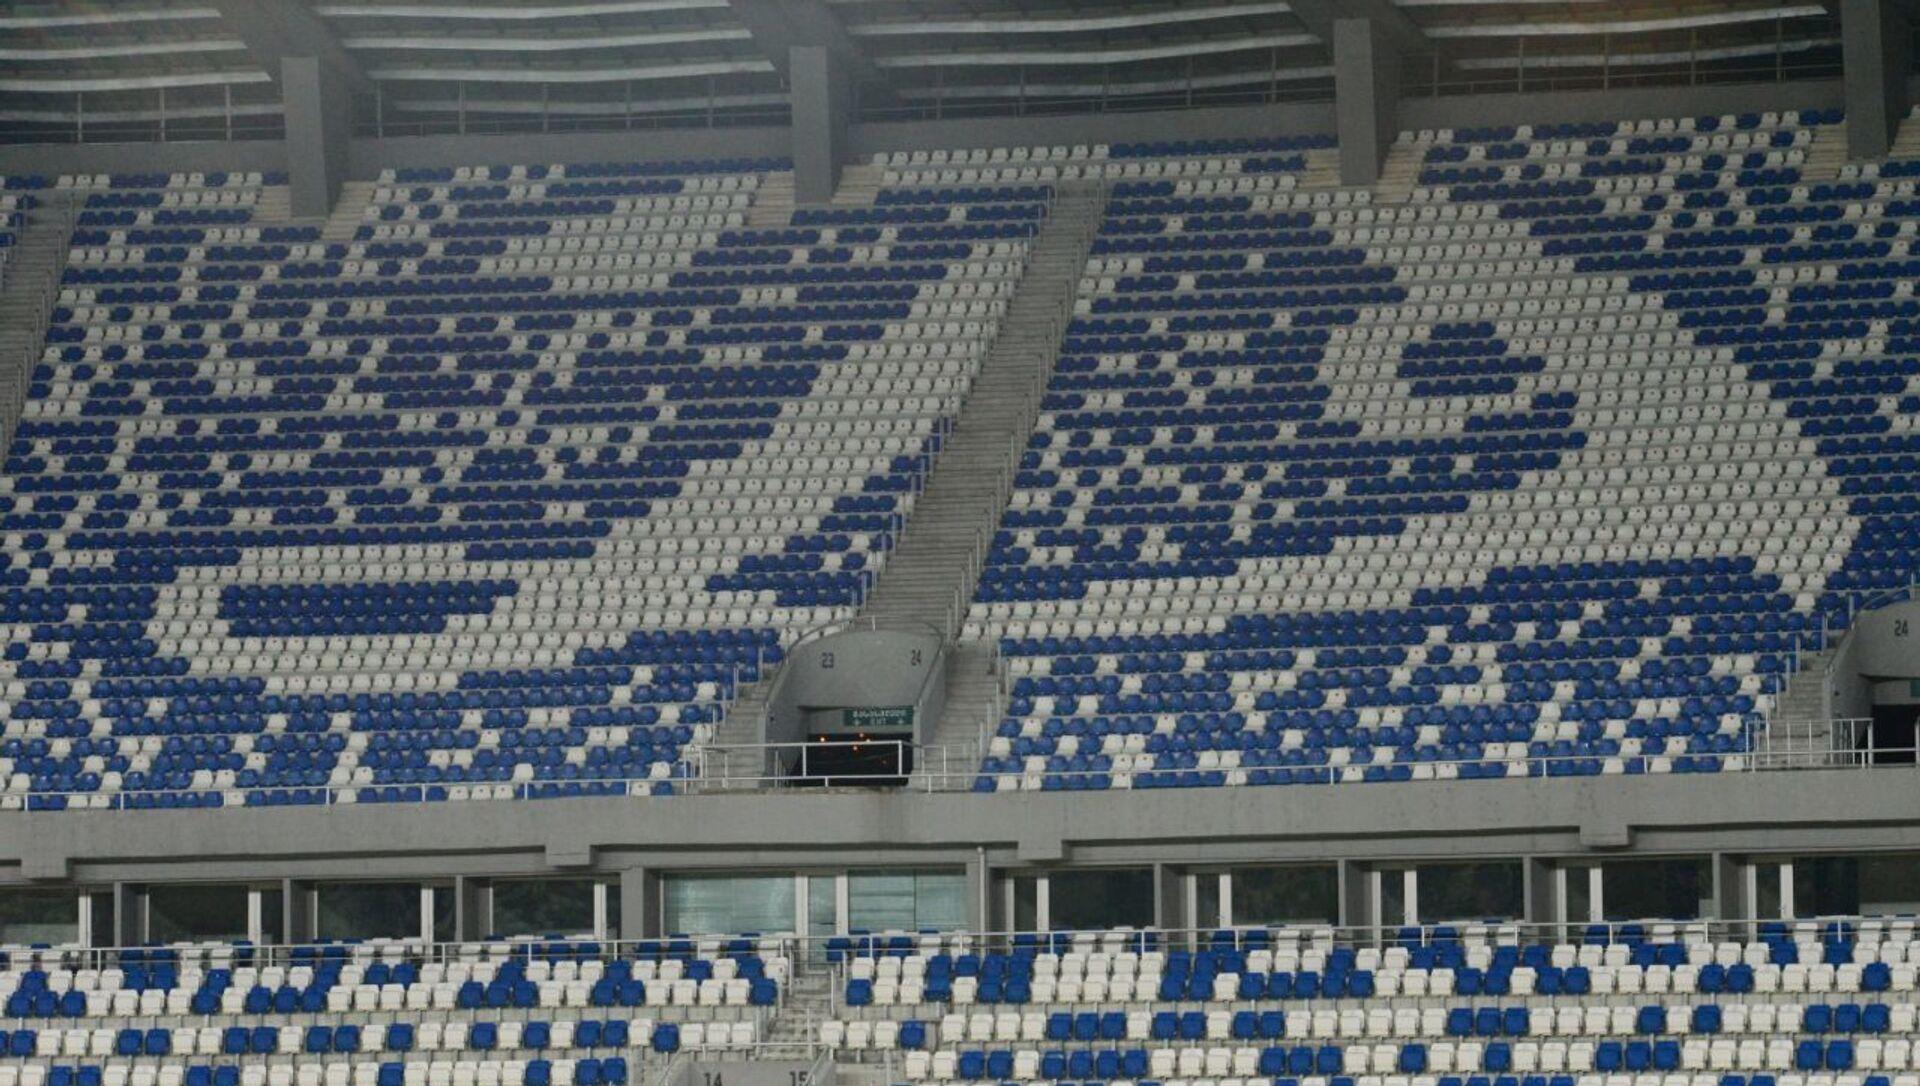 Пустые трибуны - стадион Динамо Арена - Sputnik Грузия, 1920, 27.03.2021